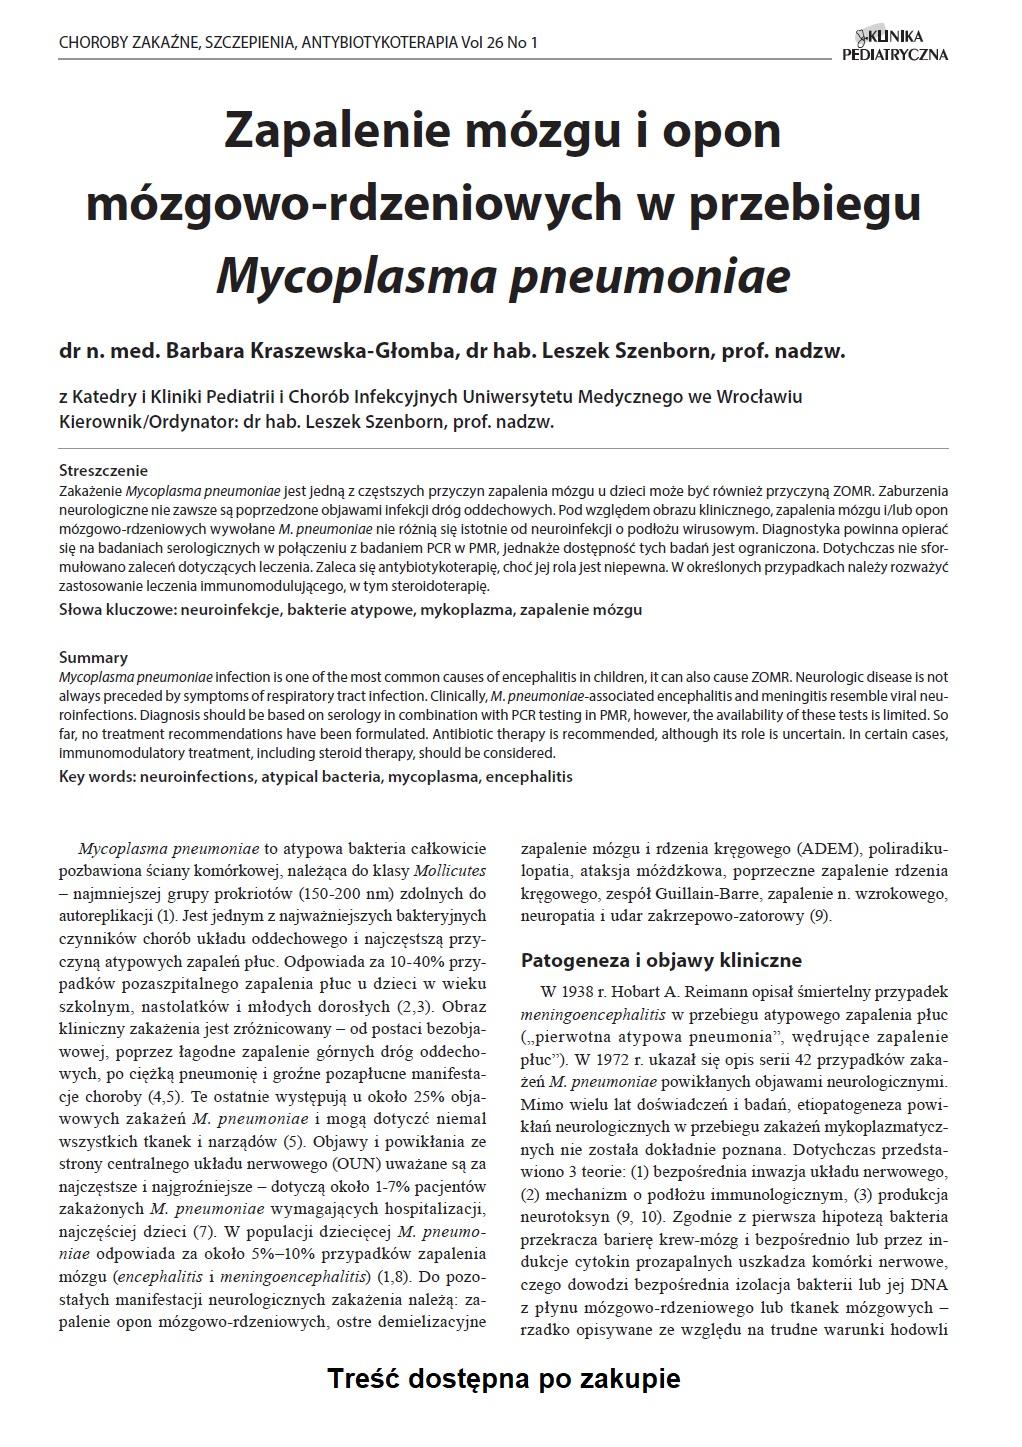 KP 1/2018 Zapalenie mózgu i opon mózgowo-rdzeniowych w przebiegu Mycoplasma pneumoniae